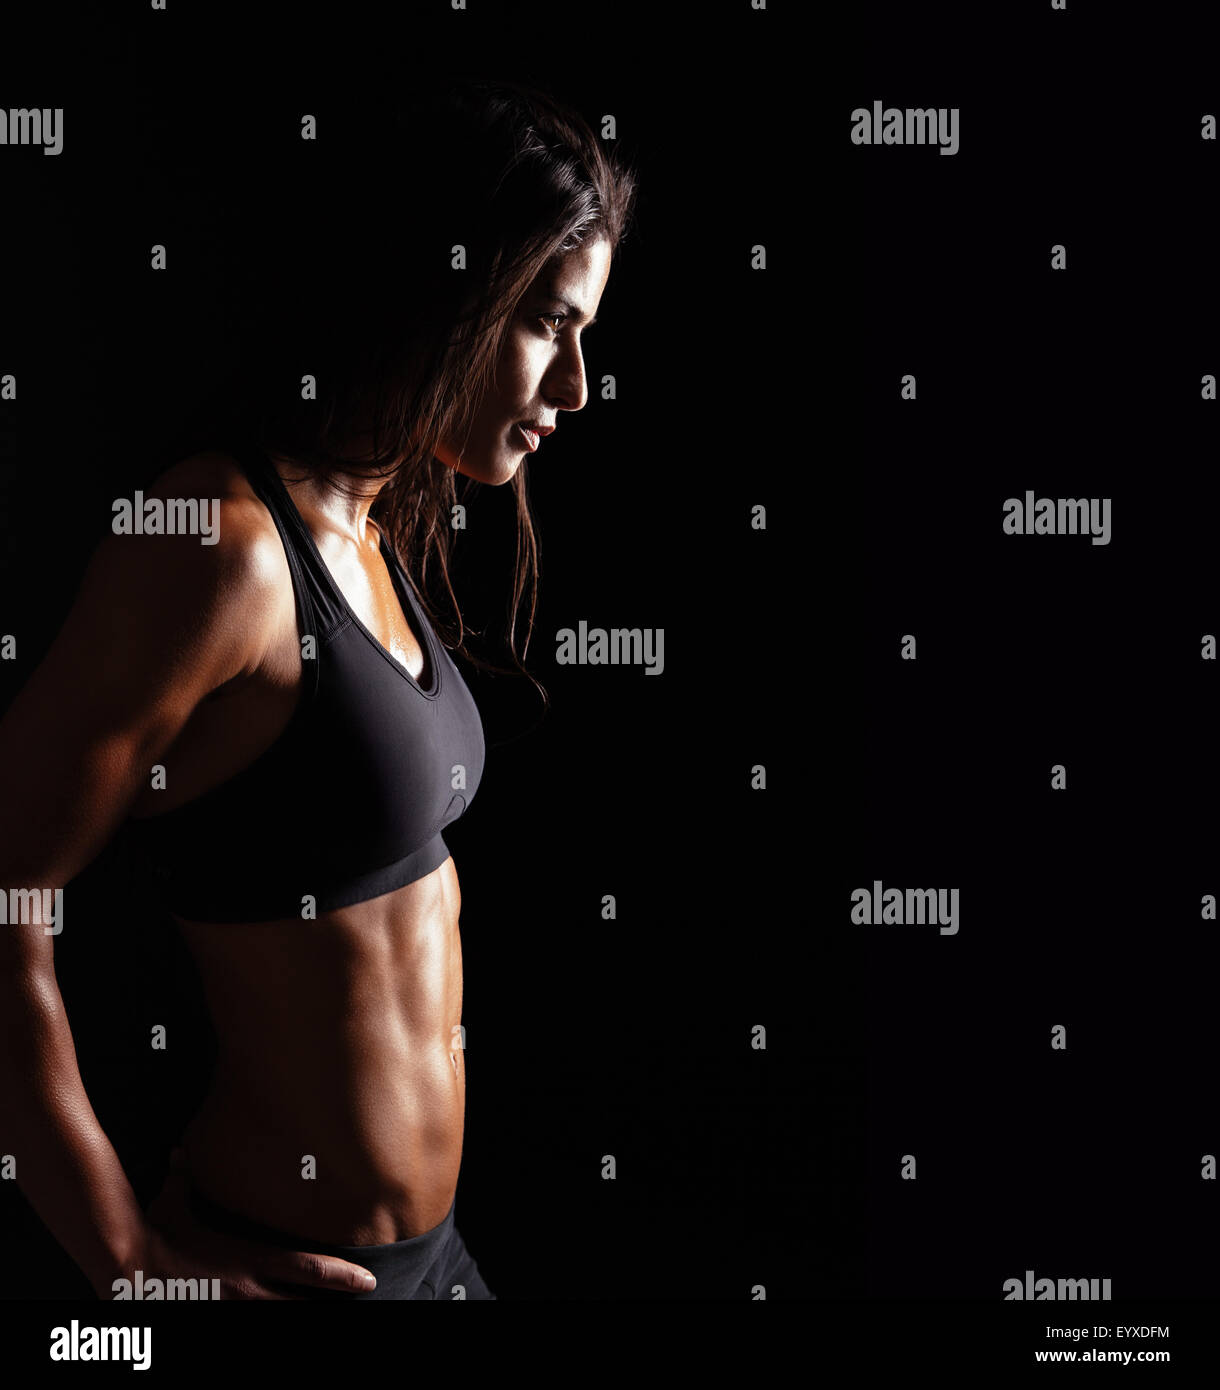 Bild von Fitness-Frau in Sportkleidung wegsehen auf schwarzem Hintergrund. Junge Frau mit perfekten muskulösen Stockbild